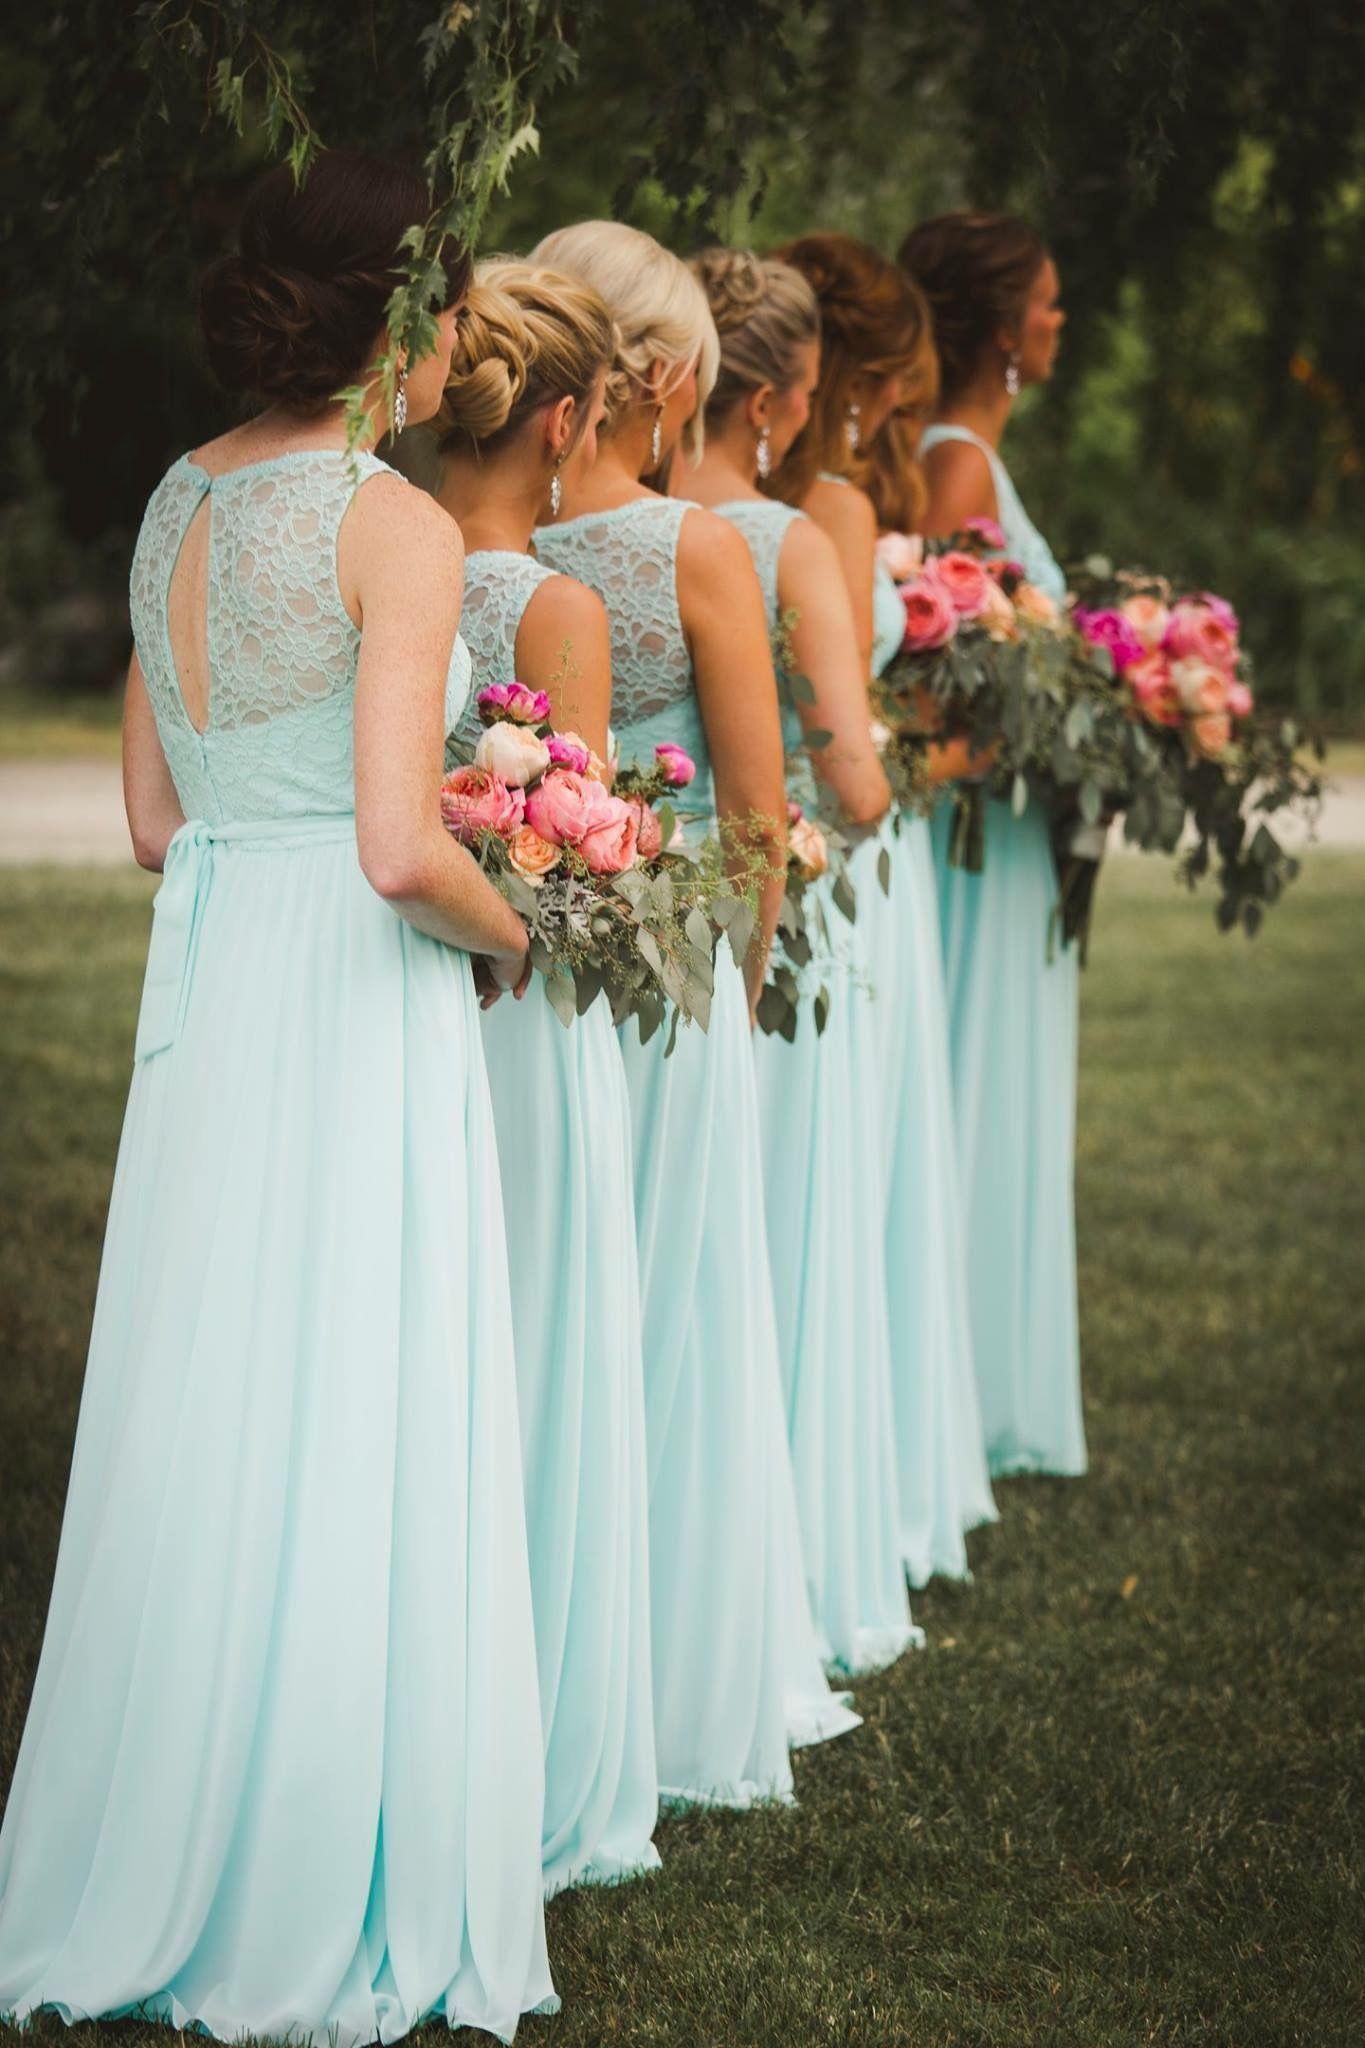 Delilah   Lace top bridesmaid dresses, Long chiffon skirt and ...